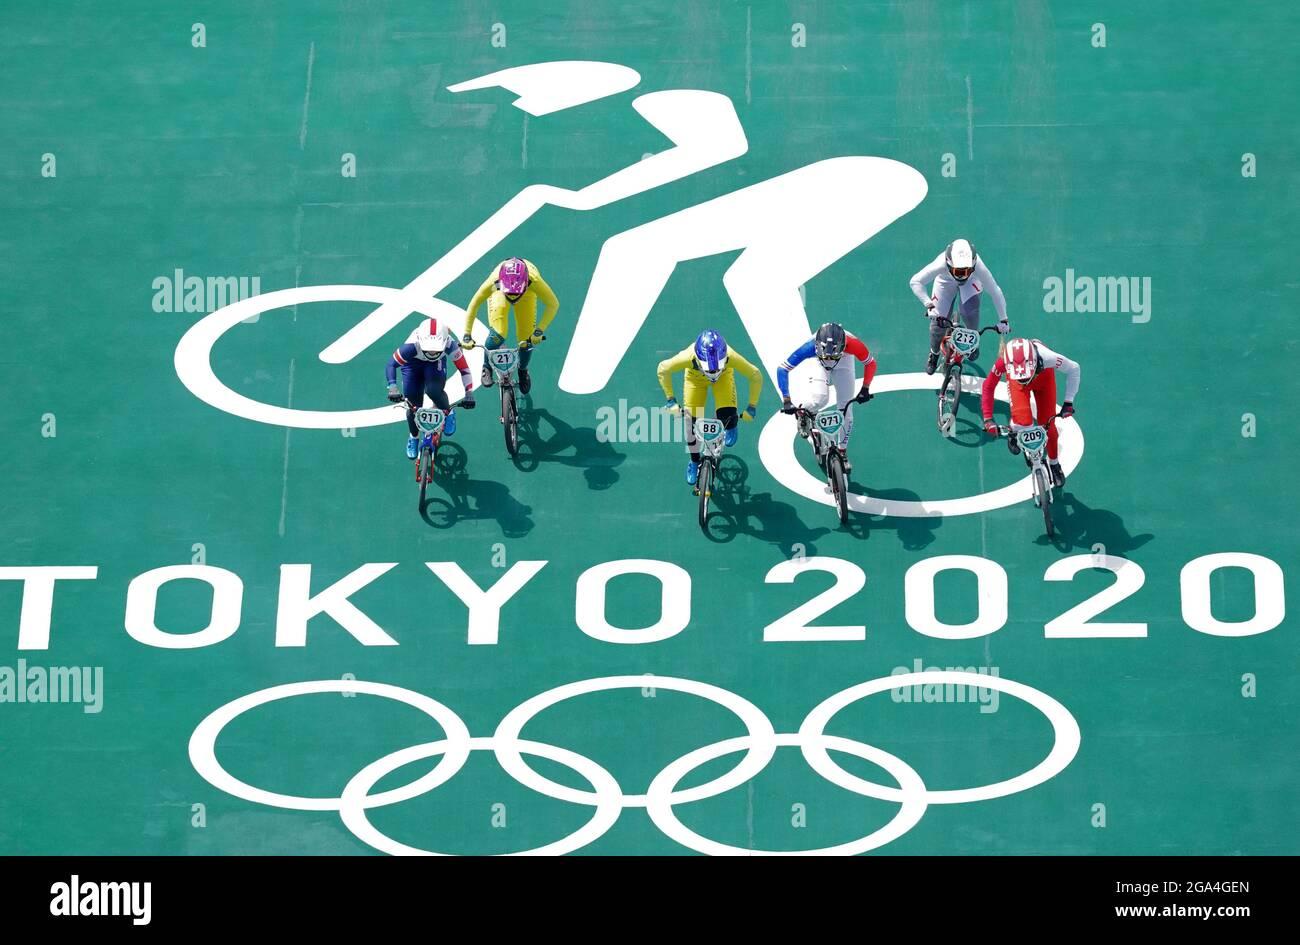 Bethany Shriever (a sinistra) della Gran Bretagna nei quarti di gara BMX delle donne, eseguire 3 Heat 3 presso l'Ariake Urban Sports Park il sesto giorno dei Giochi Olimpici di Tokyo 2020 in Giappone. Data immagine: Giovedì 29 luglio 2021. Foto Stock